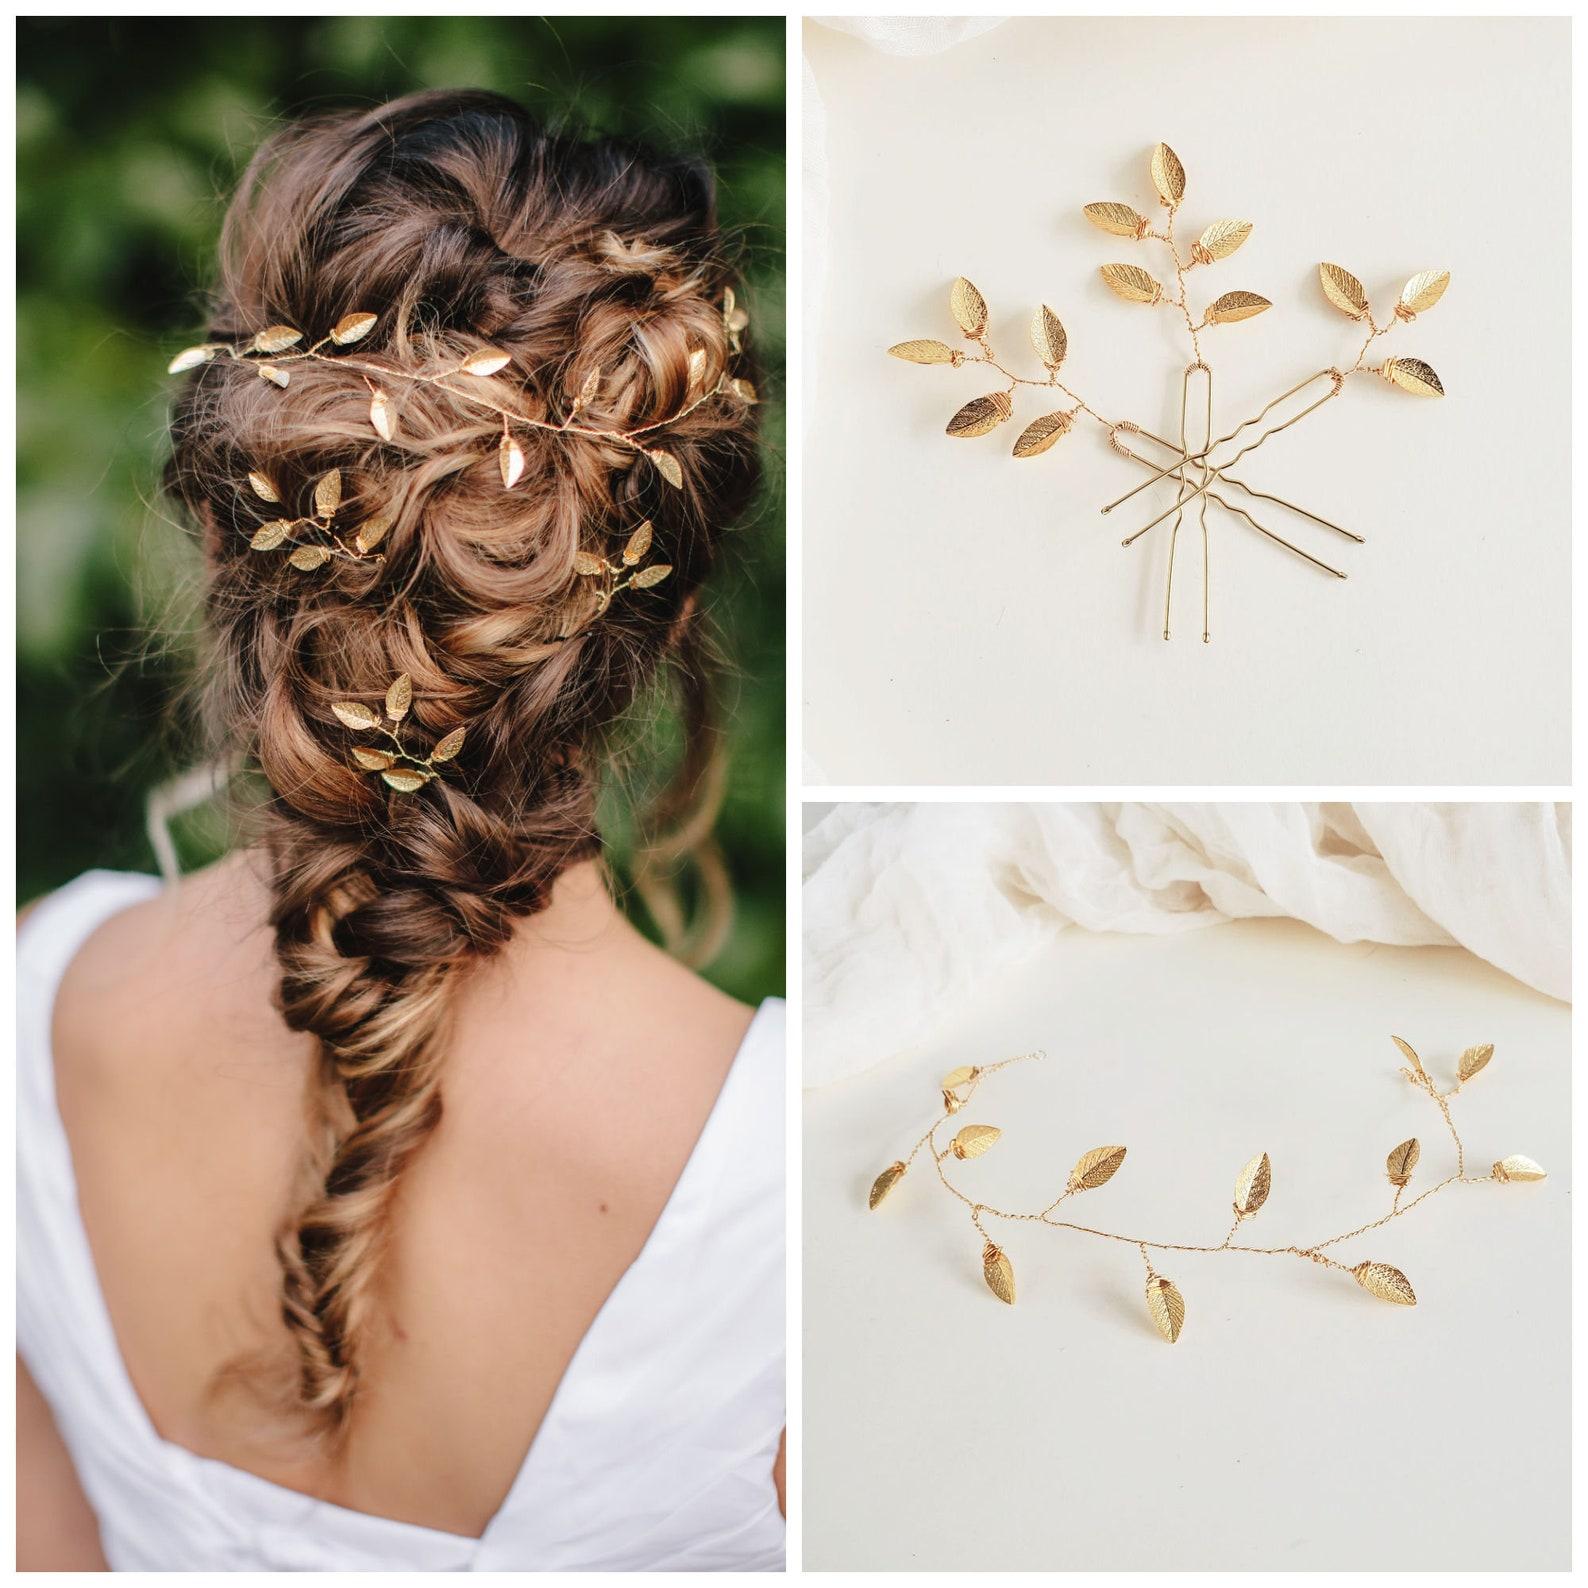 Wedding Hair Accessories Ideas for Boho Chic Brides, Gold Leaf Vine Hair Pin